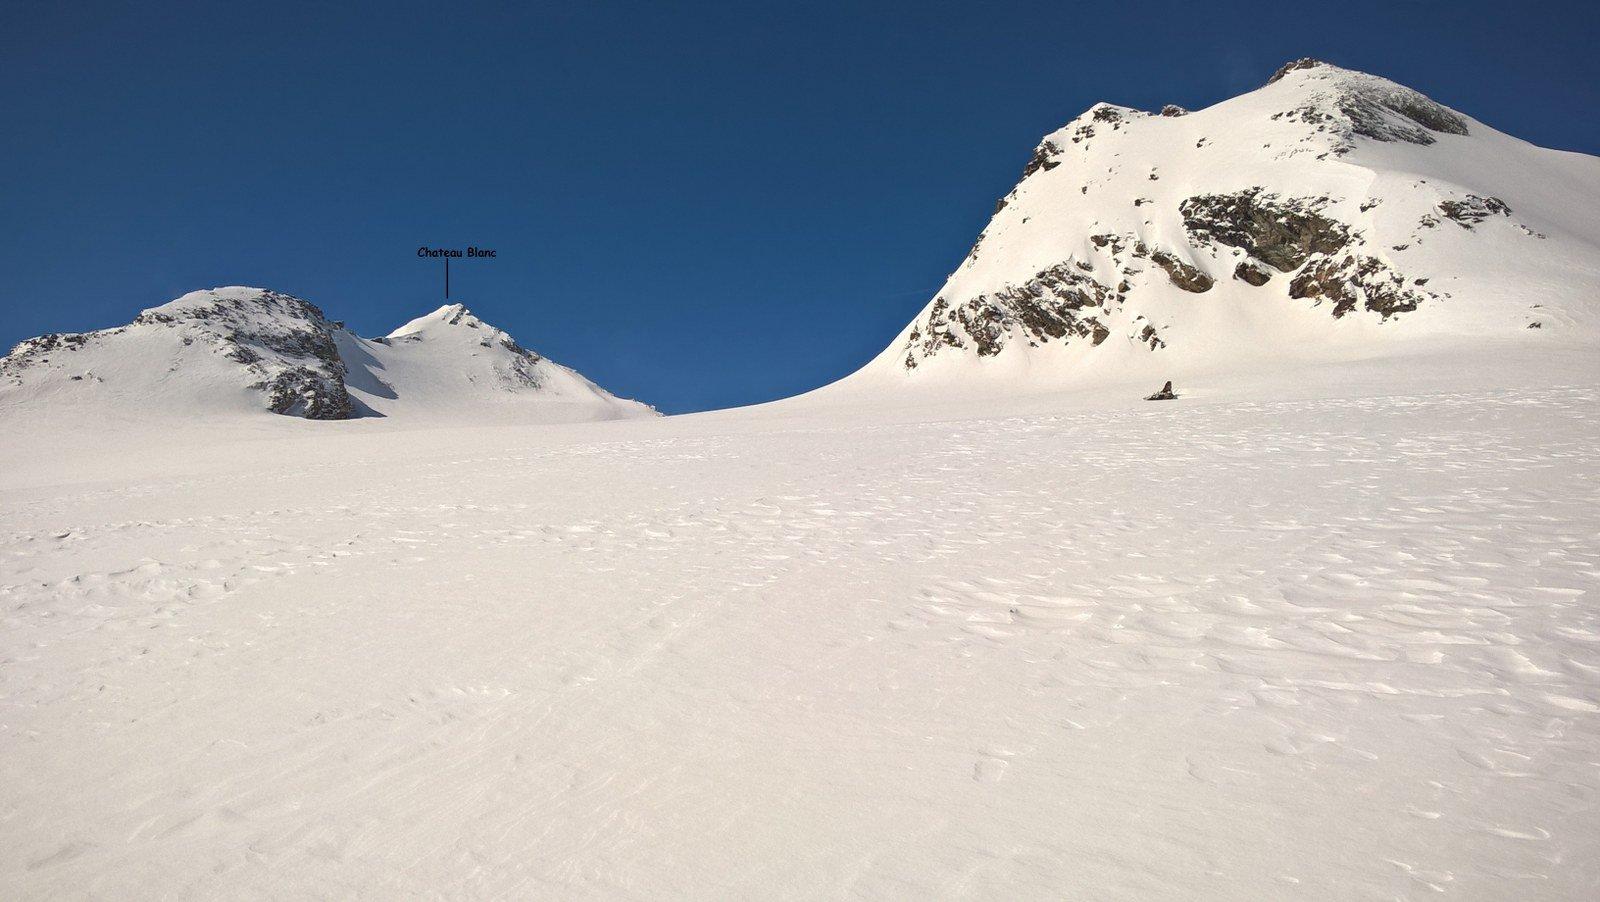 Sul ghiacciaio con la cima in fondo